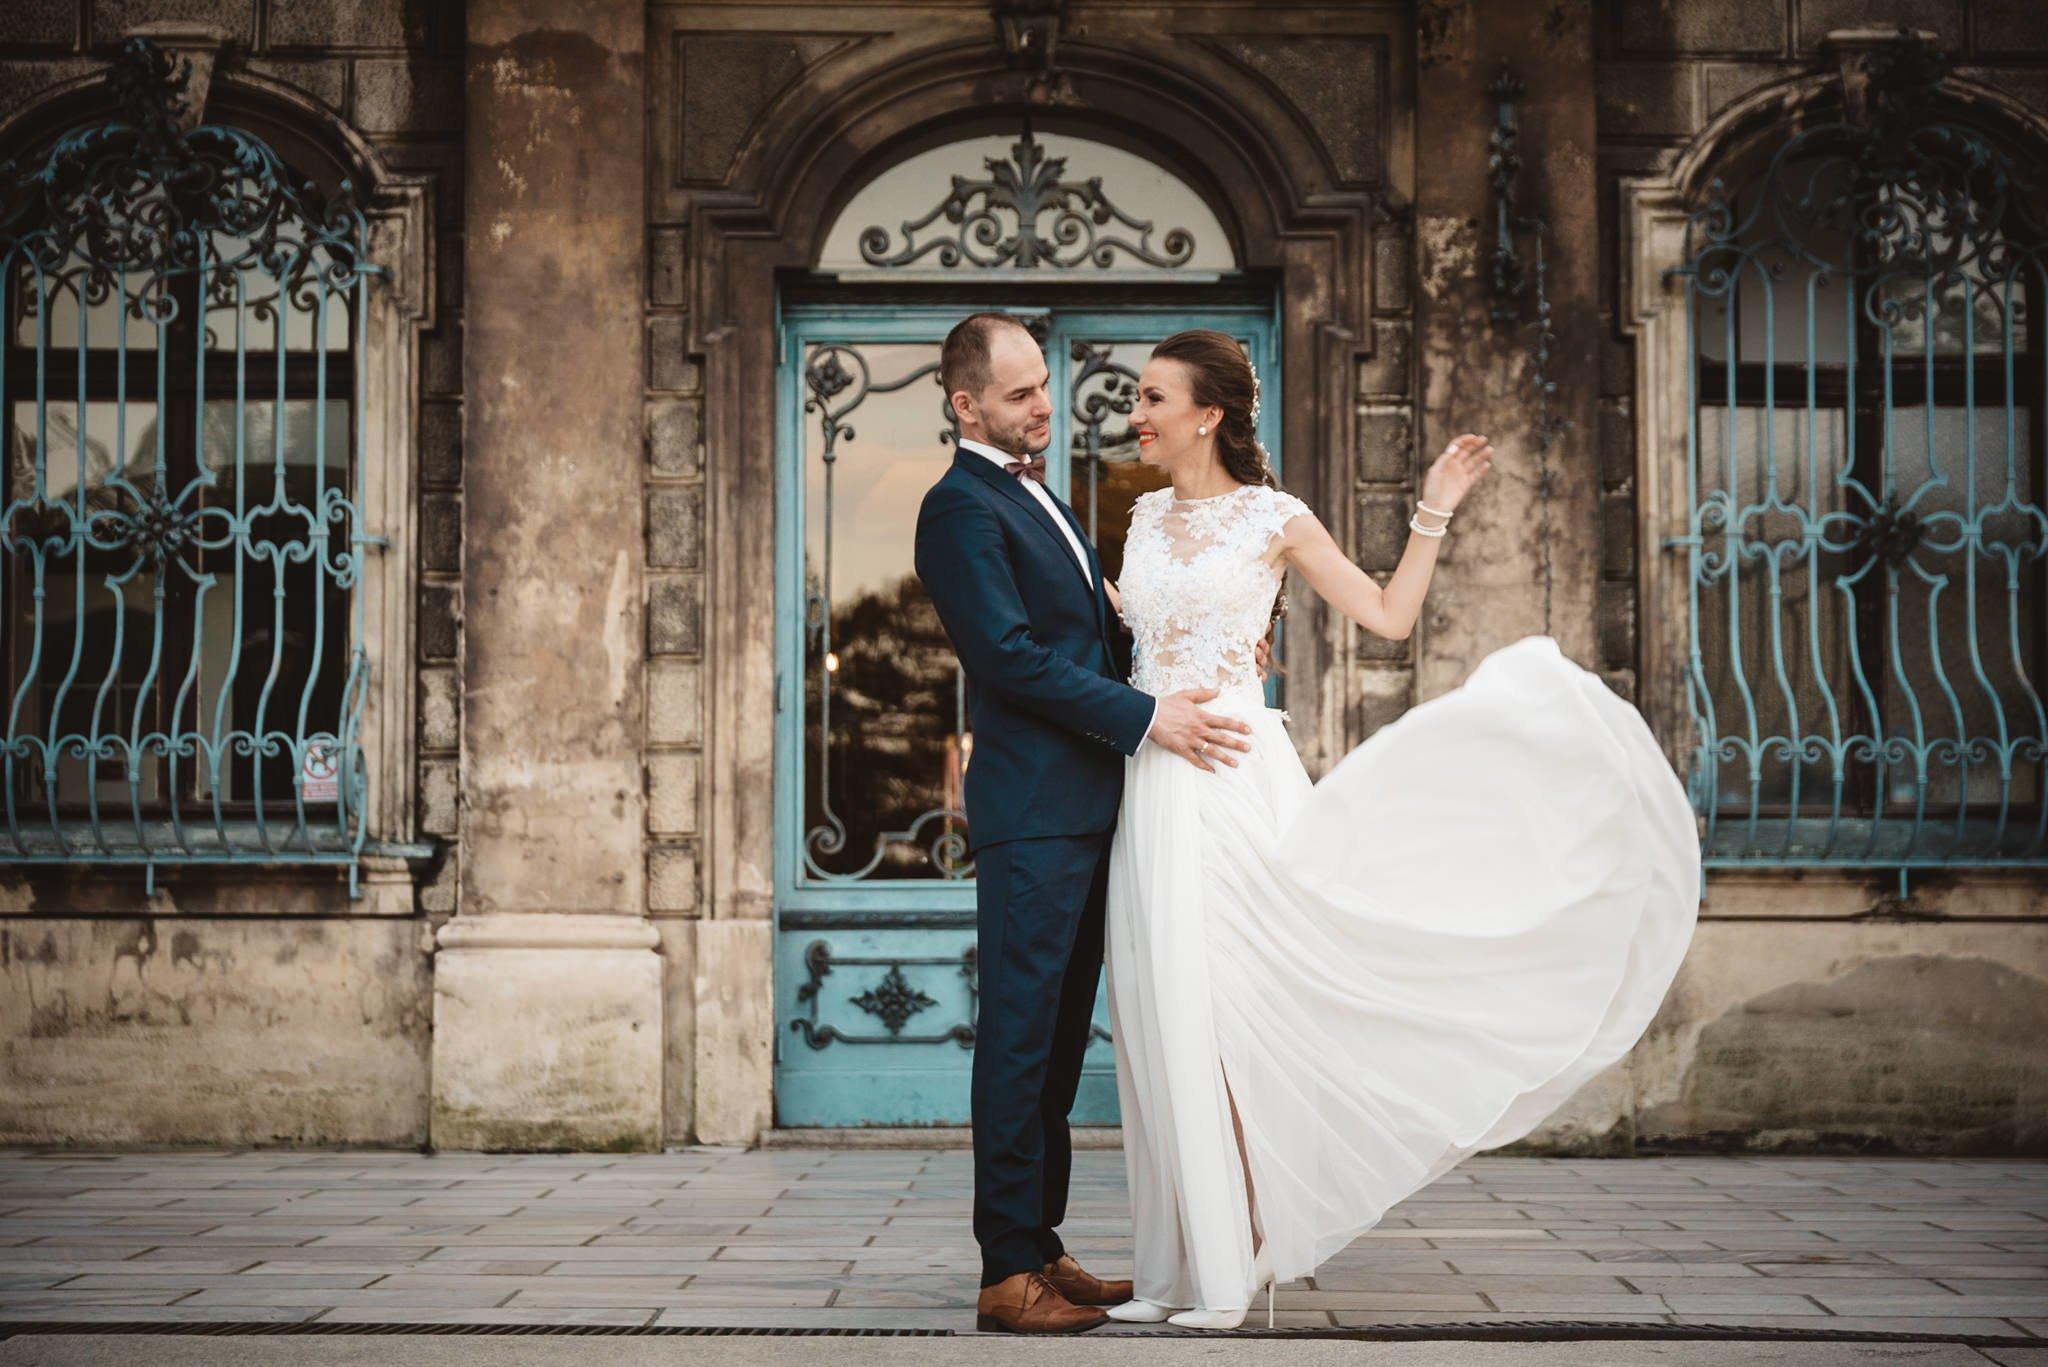 Ala i Arek, czyli jak zorganizować ślub i wesele w 4 tygodnie! 390